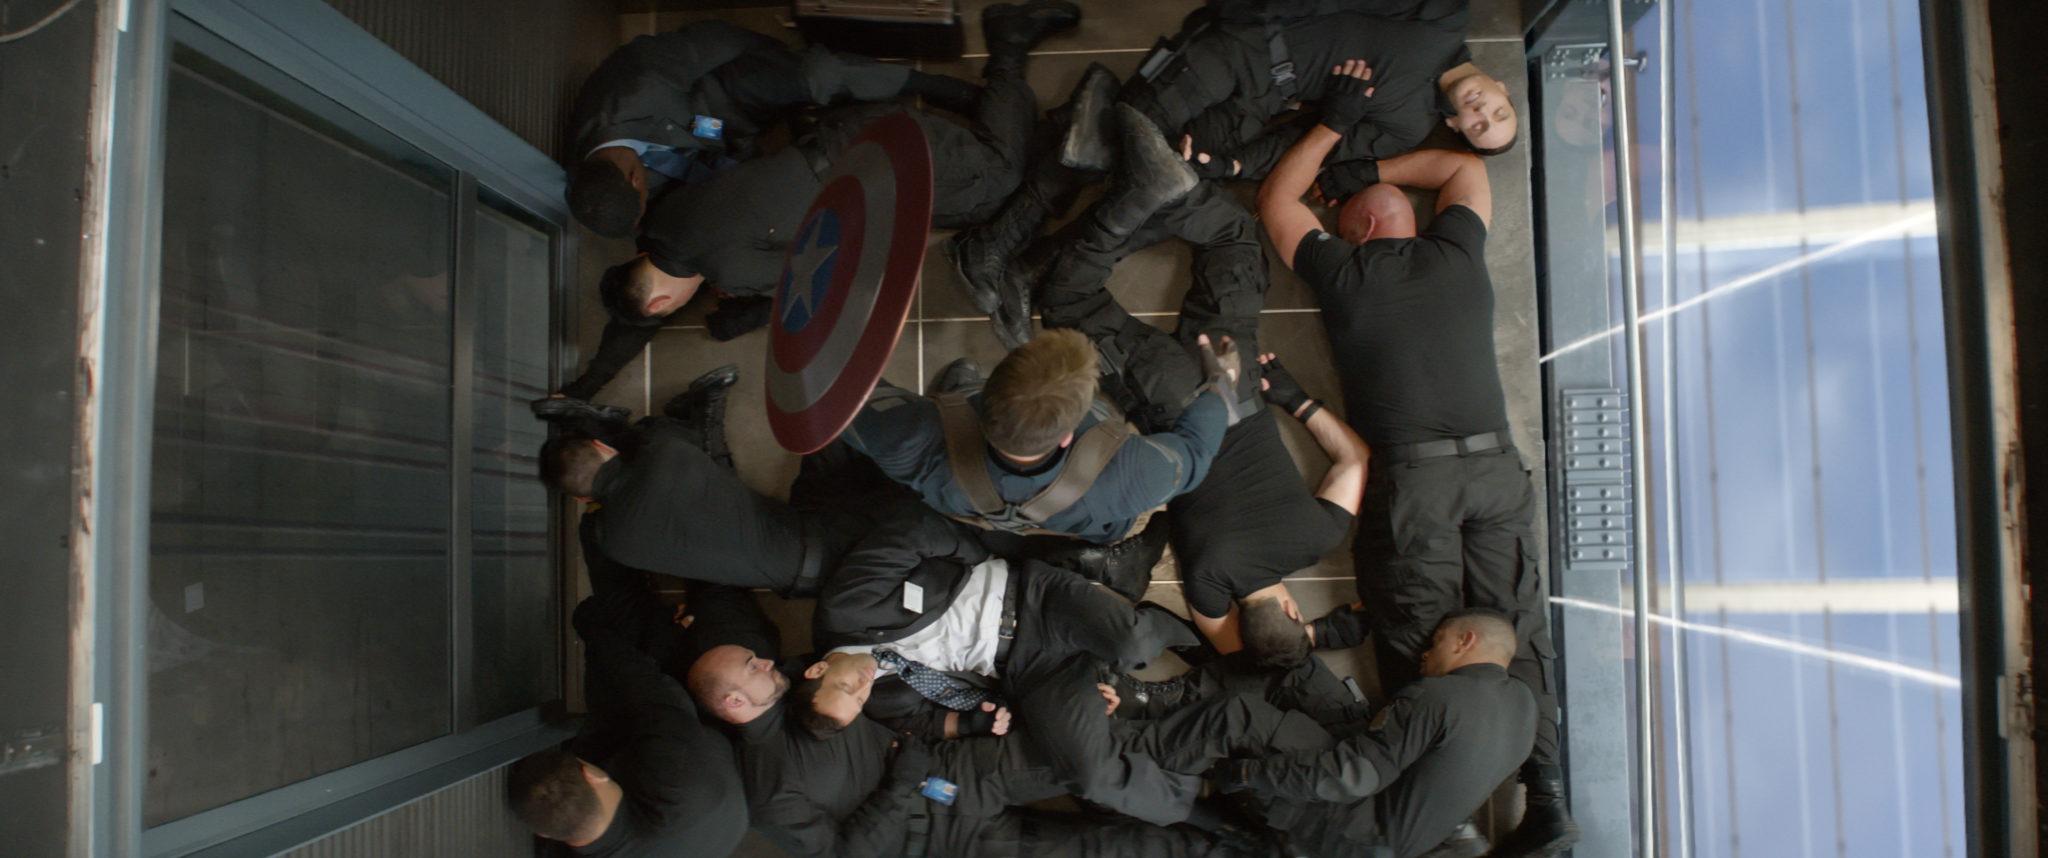 Cap elevator scene